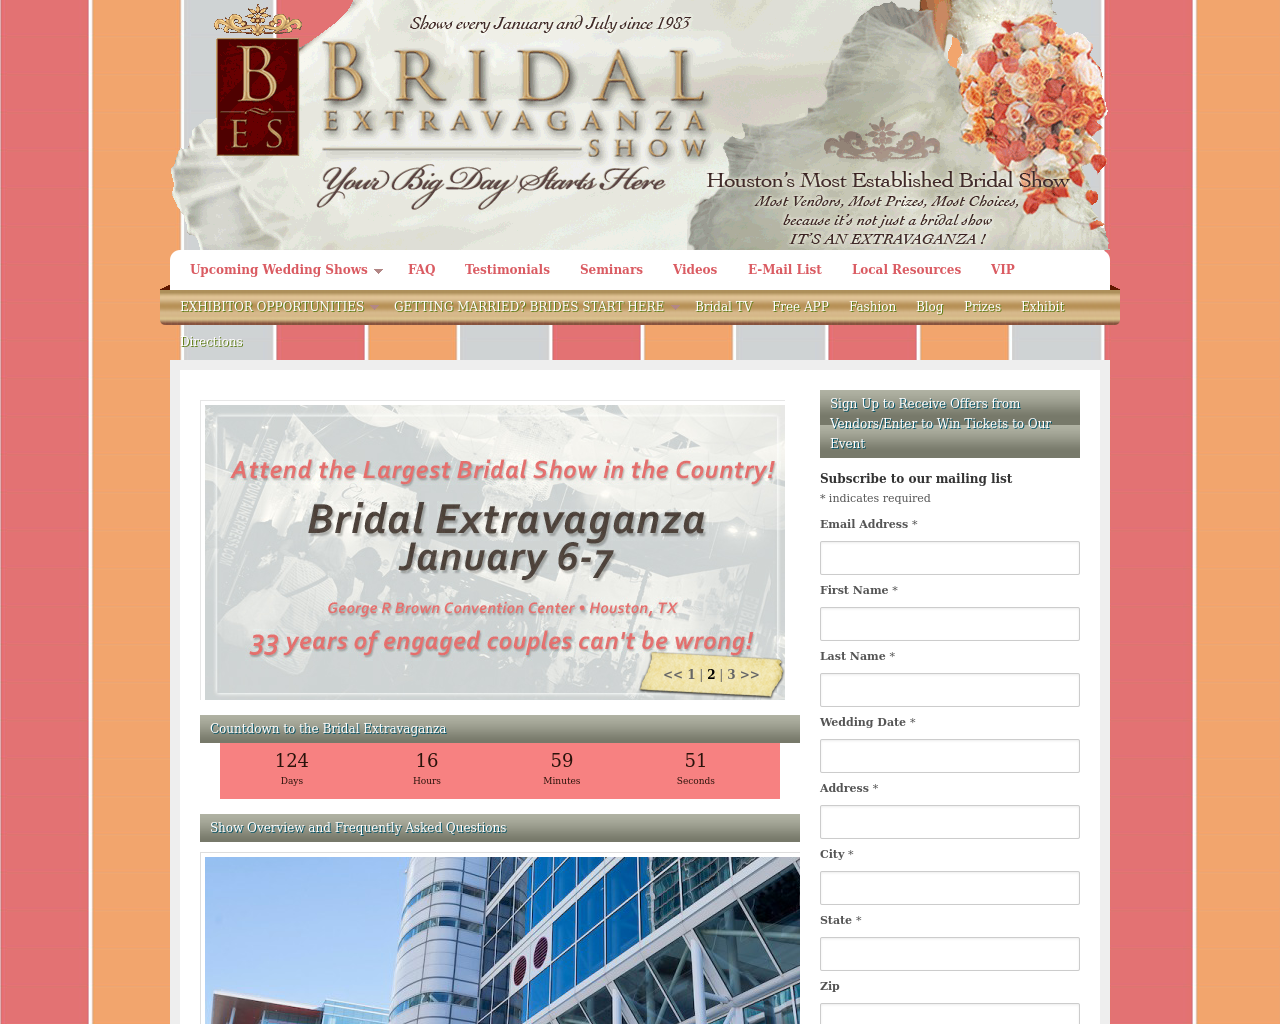 BRIDAL-EXTRA-BAGANZA-SHOW-Advertising-Reviews-Pricing